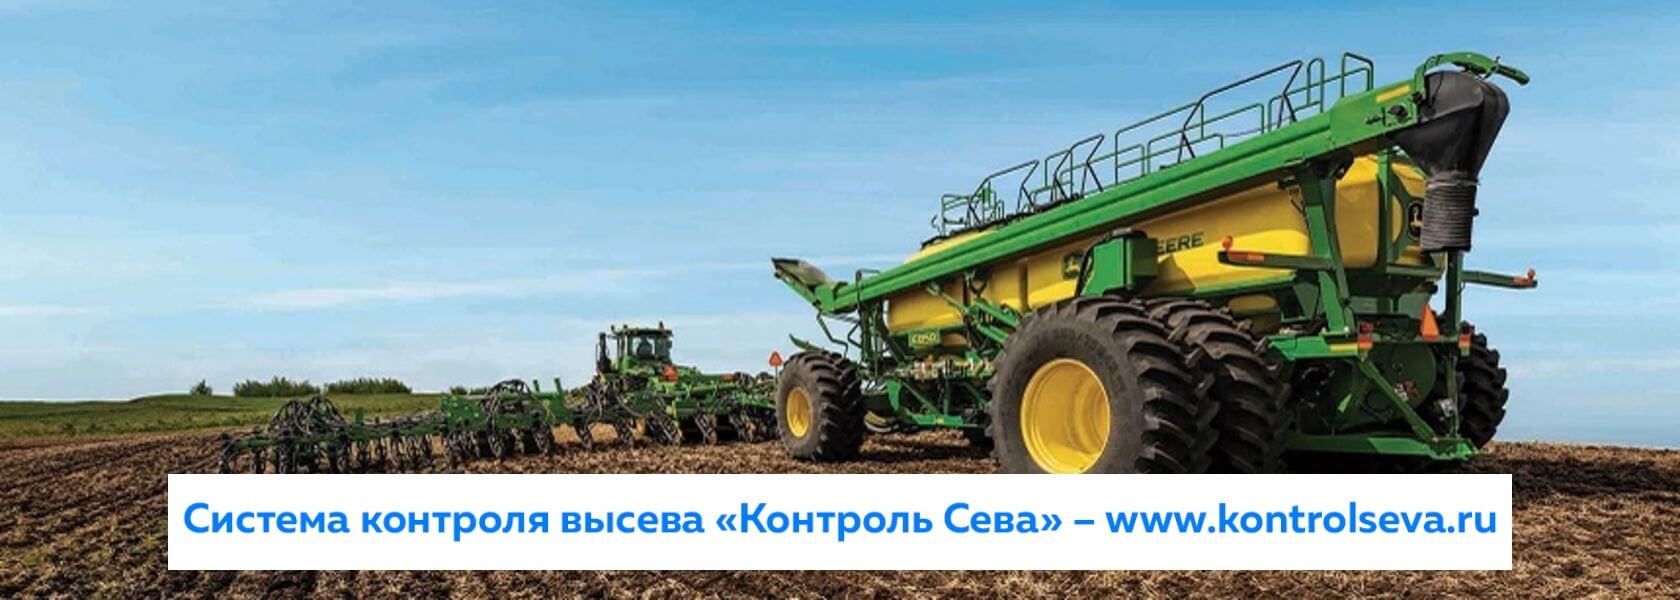 """Система контроля высева """"Контроль сева"""" г. Ижевск"""